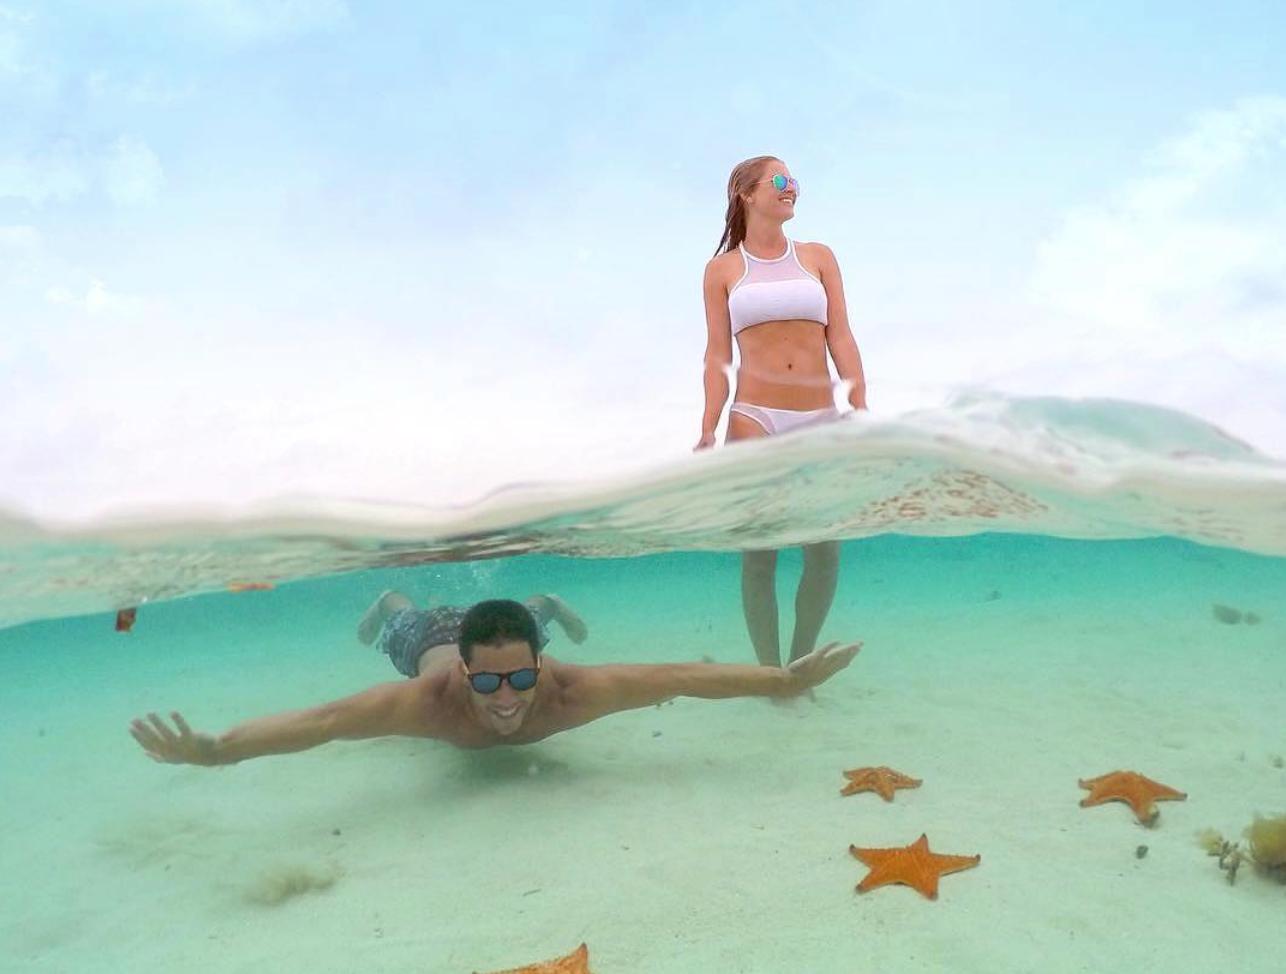 Забавные фото идеи на море